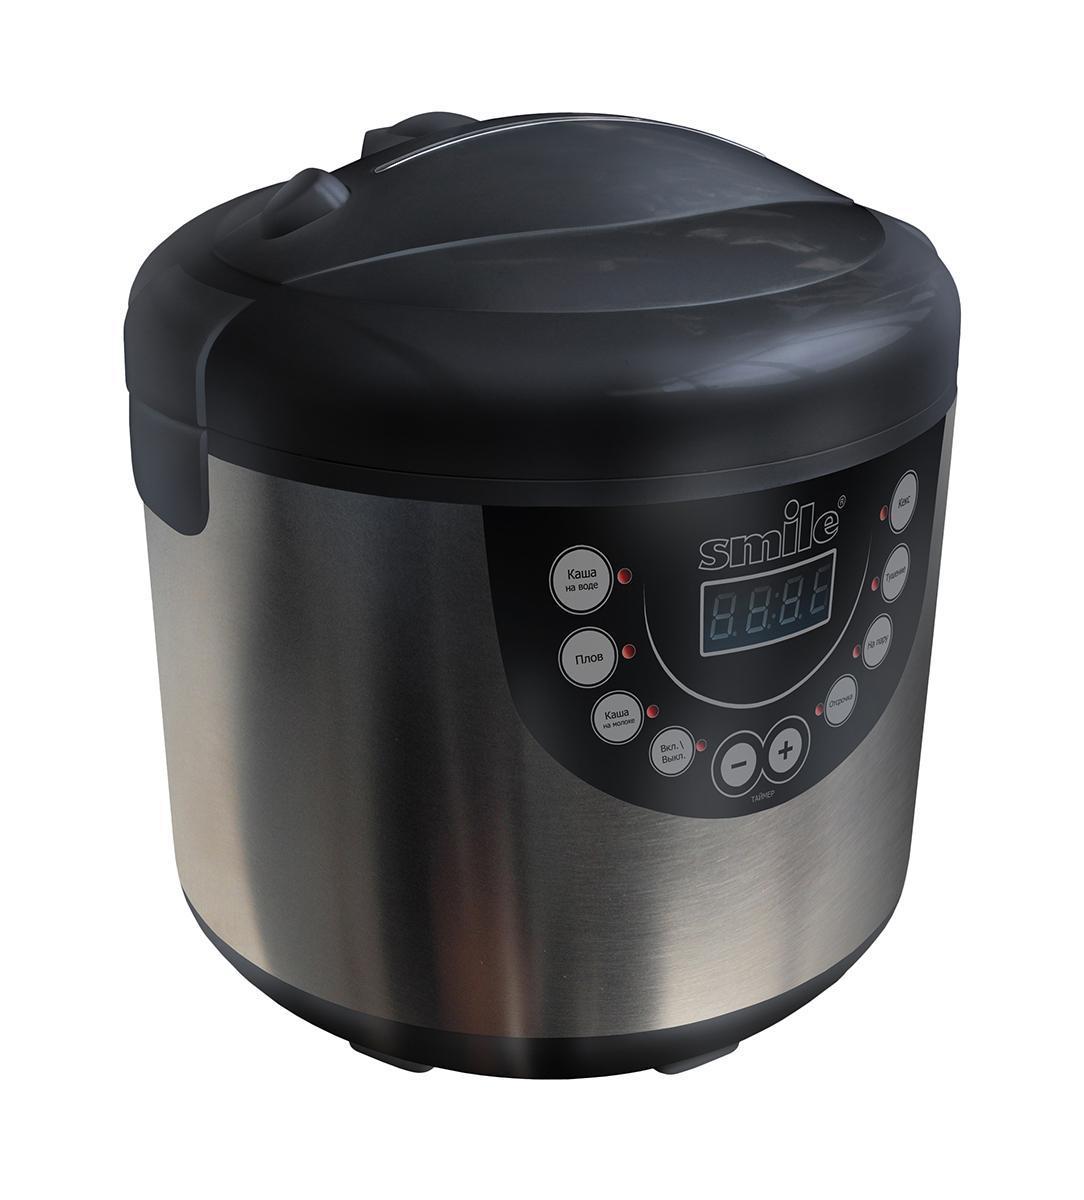 Smile MPC 1141 мультиваркаMPC 1141Мультиварка Smile MPC 1141 - автономный полифункциональный прибор для простого и удобного приготовления пищи для всей семьи. В мультиварке запрограммировано шесть фиксированных режимов приготовления пищи, ручной режим дает возможность приготовления разных блюд: каши, плов, молочные блюда, выпечку, также есть функции тушения и приготовления на пару. С помощью функции отсрочки приготовления вы можете задать любое время начала приготовления. Автоматический режим подогрева, который включается после того, как приготовление закончено, позволит сохранить блюдо горячим в течение 17 часов после приготовления.Режимы приготовления блюд: каши, тушение, выпечка, плов, режим пароварки, помогут приготовить все разнообразие блюд. В мультиварке так же можно приготовить супы, холодец и даже тушенку. Ручной режим даст возможность готовить по собственным рецептам и создаст возможность для кулинарного творчества. Дисплей поможет следить за программой приготовления, отражая стадии на котором находиться блюдо, также дисплей сообщит, когда блюдо готово. УВАЖАЕМЫЕ КЛИЕНТЫ!Обращаем ваше внимание на тот факт, что объем чаши указан максимальный, с учетом полного наполнения до кромки. Шкала на внутренней стенке имеет меньший литраж.